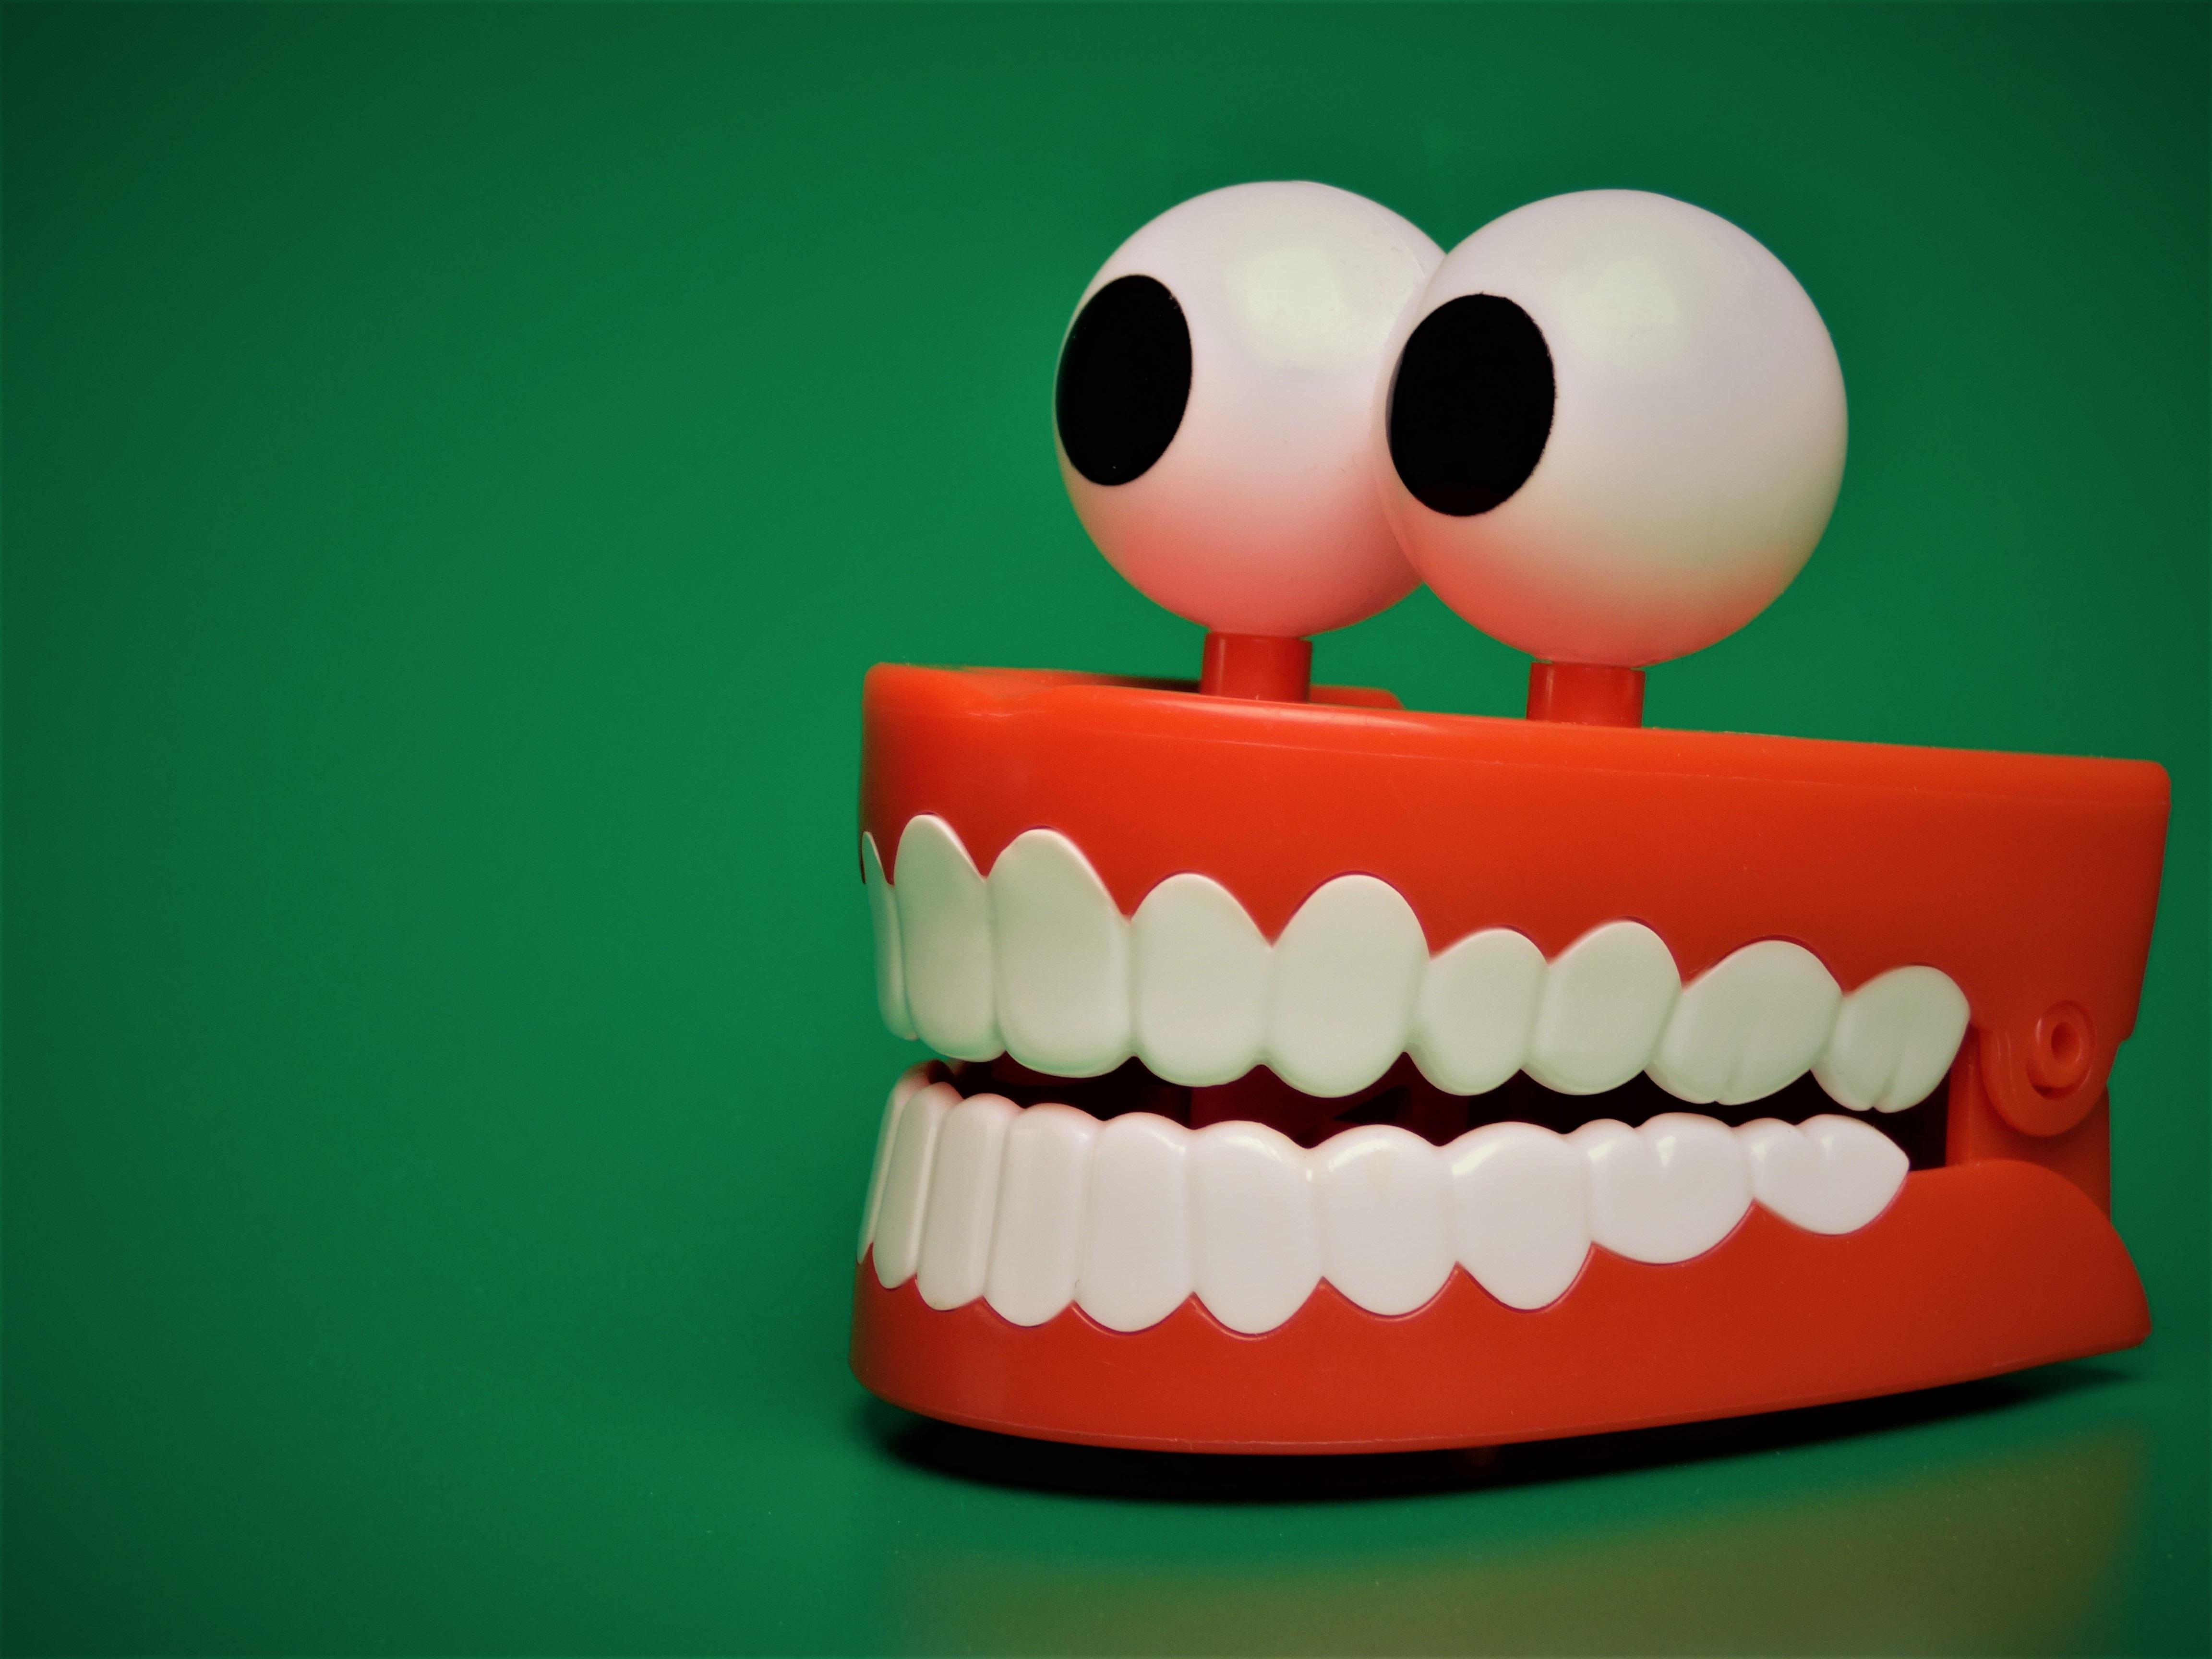 comida verde rojo postre pastel pastel de cumpleaos dentista ojos ilustracin cabeza juguetes dientes fondant diente